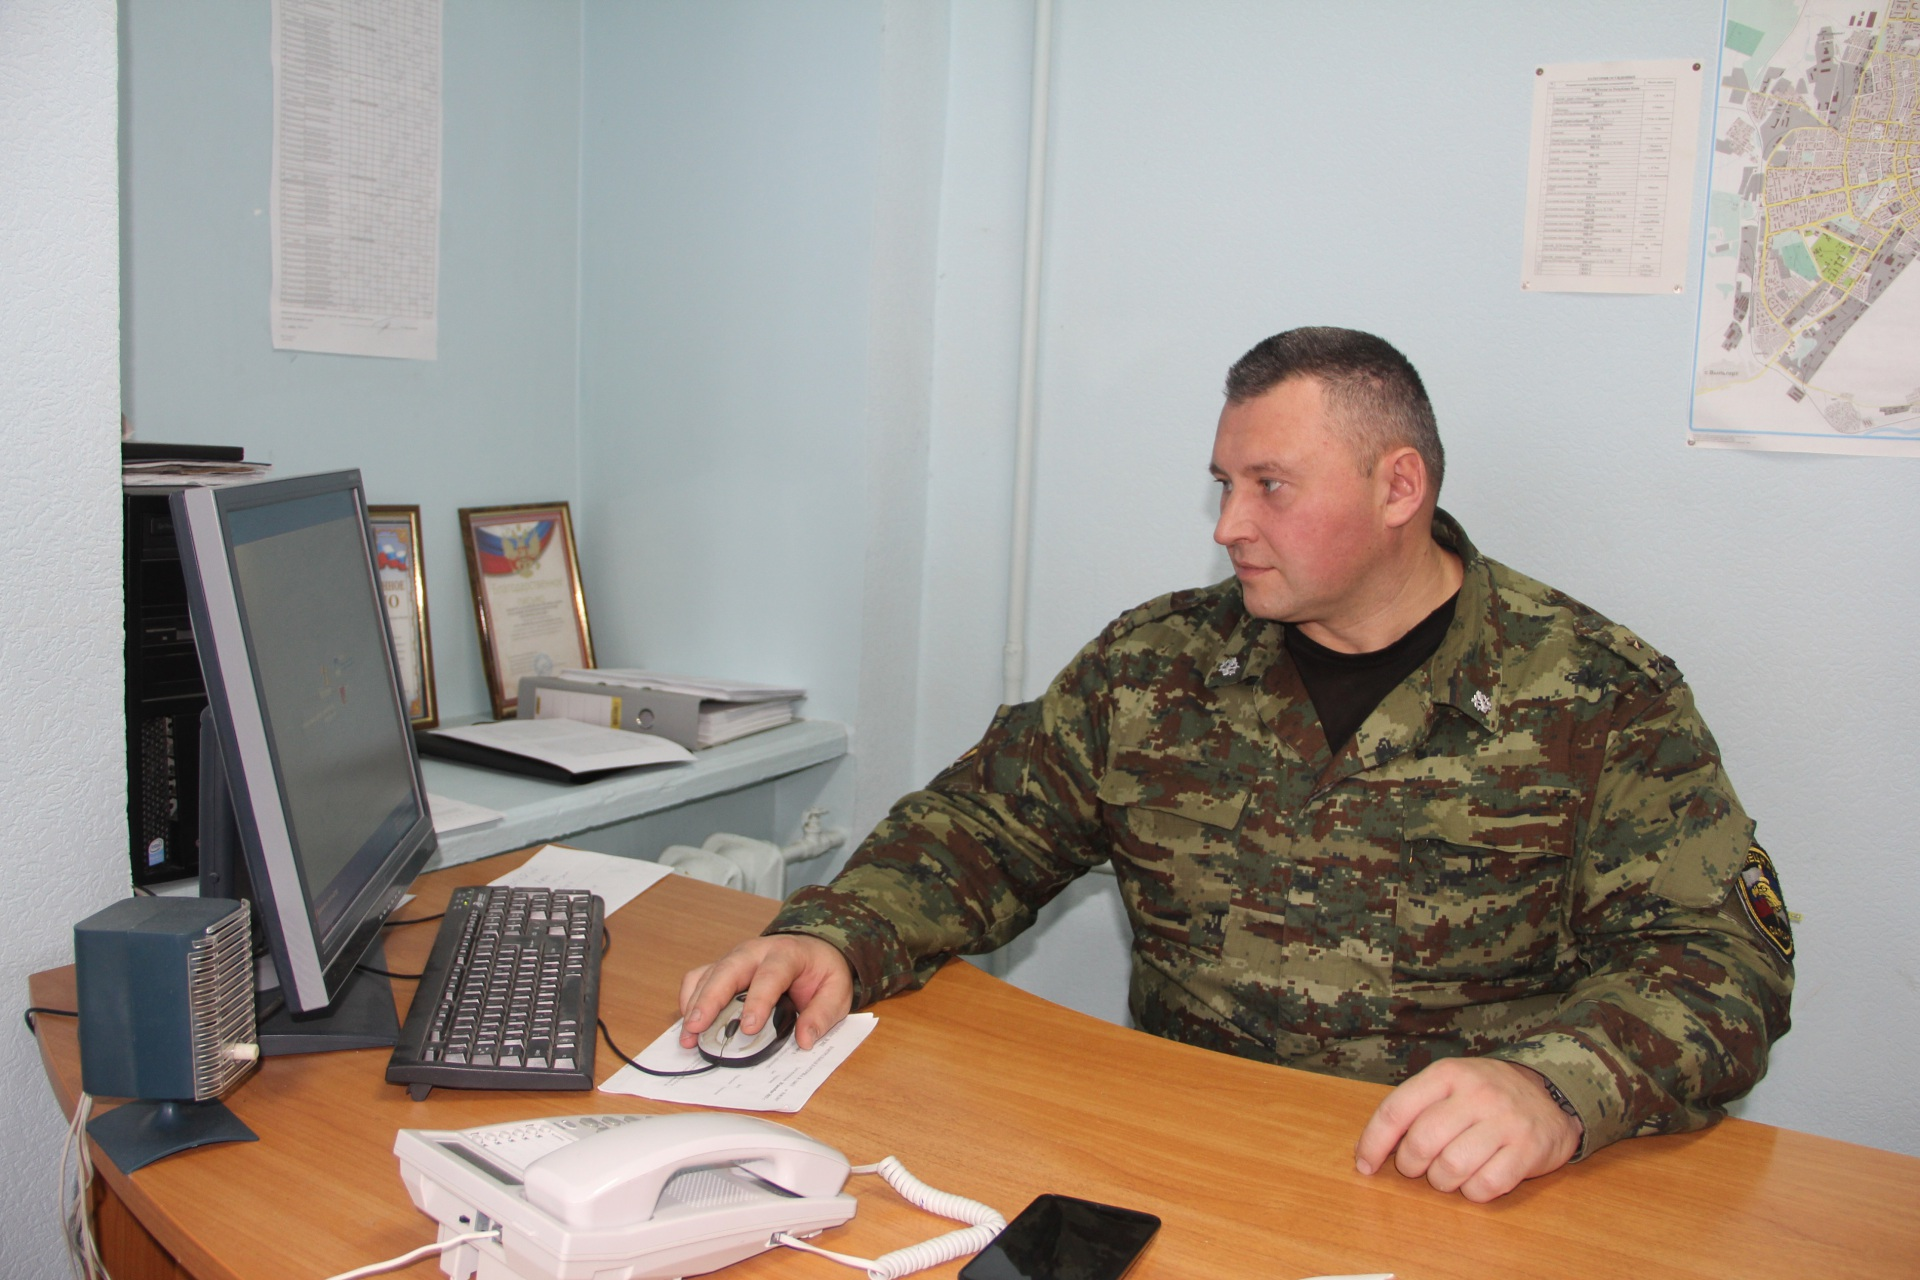 1.-Nachalnik-otdela-spezialnogo-naznacheniya-UFSIN-Gennadii-Mikolaevskii-rasskazal-o-budnyah-speznaza.jpg